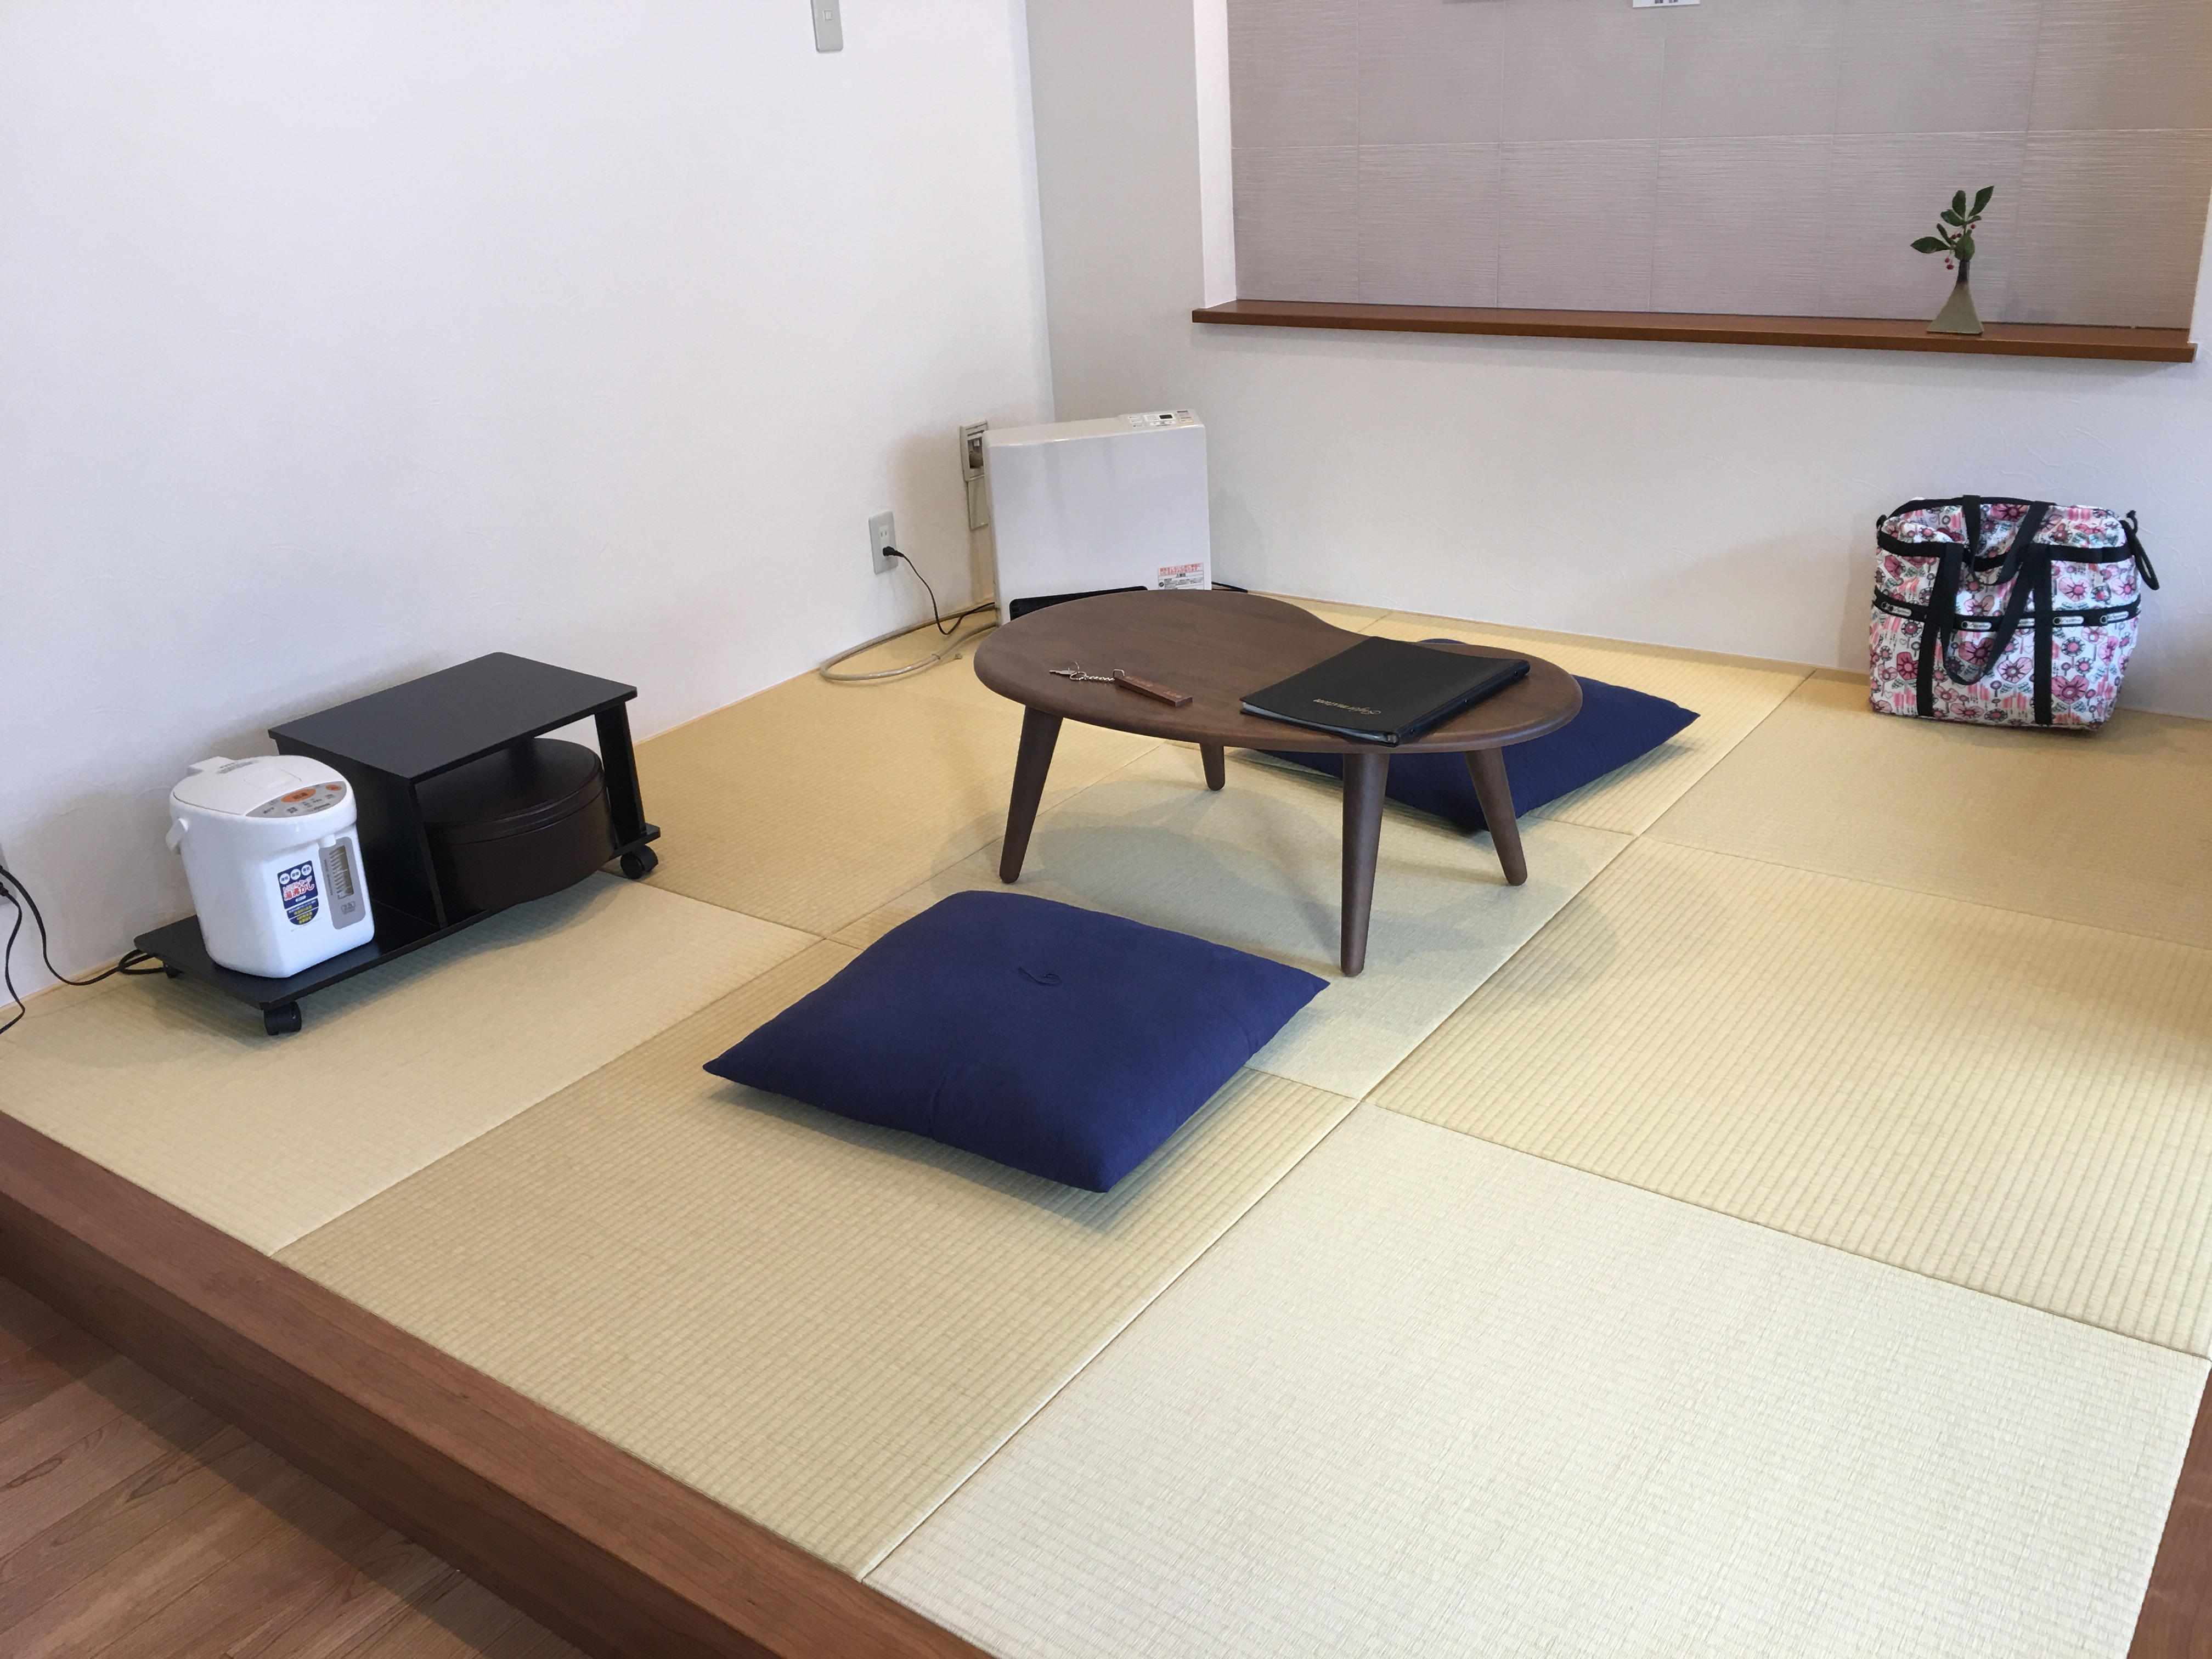 IMG_3244 福島 旅館ひげの家のお部屋